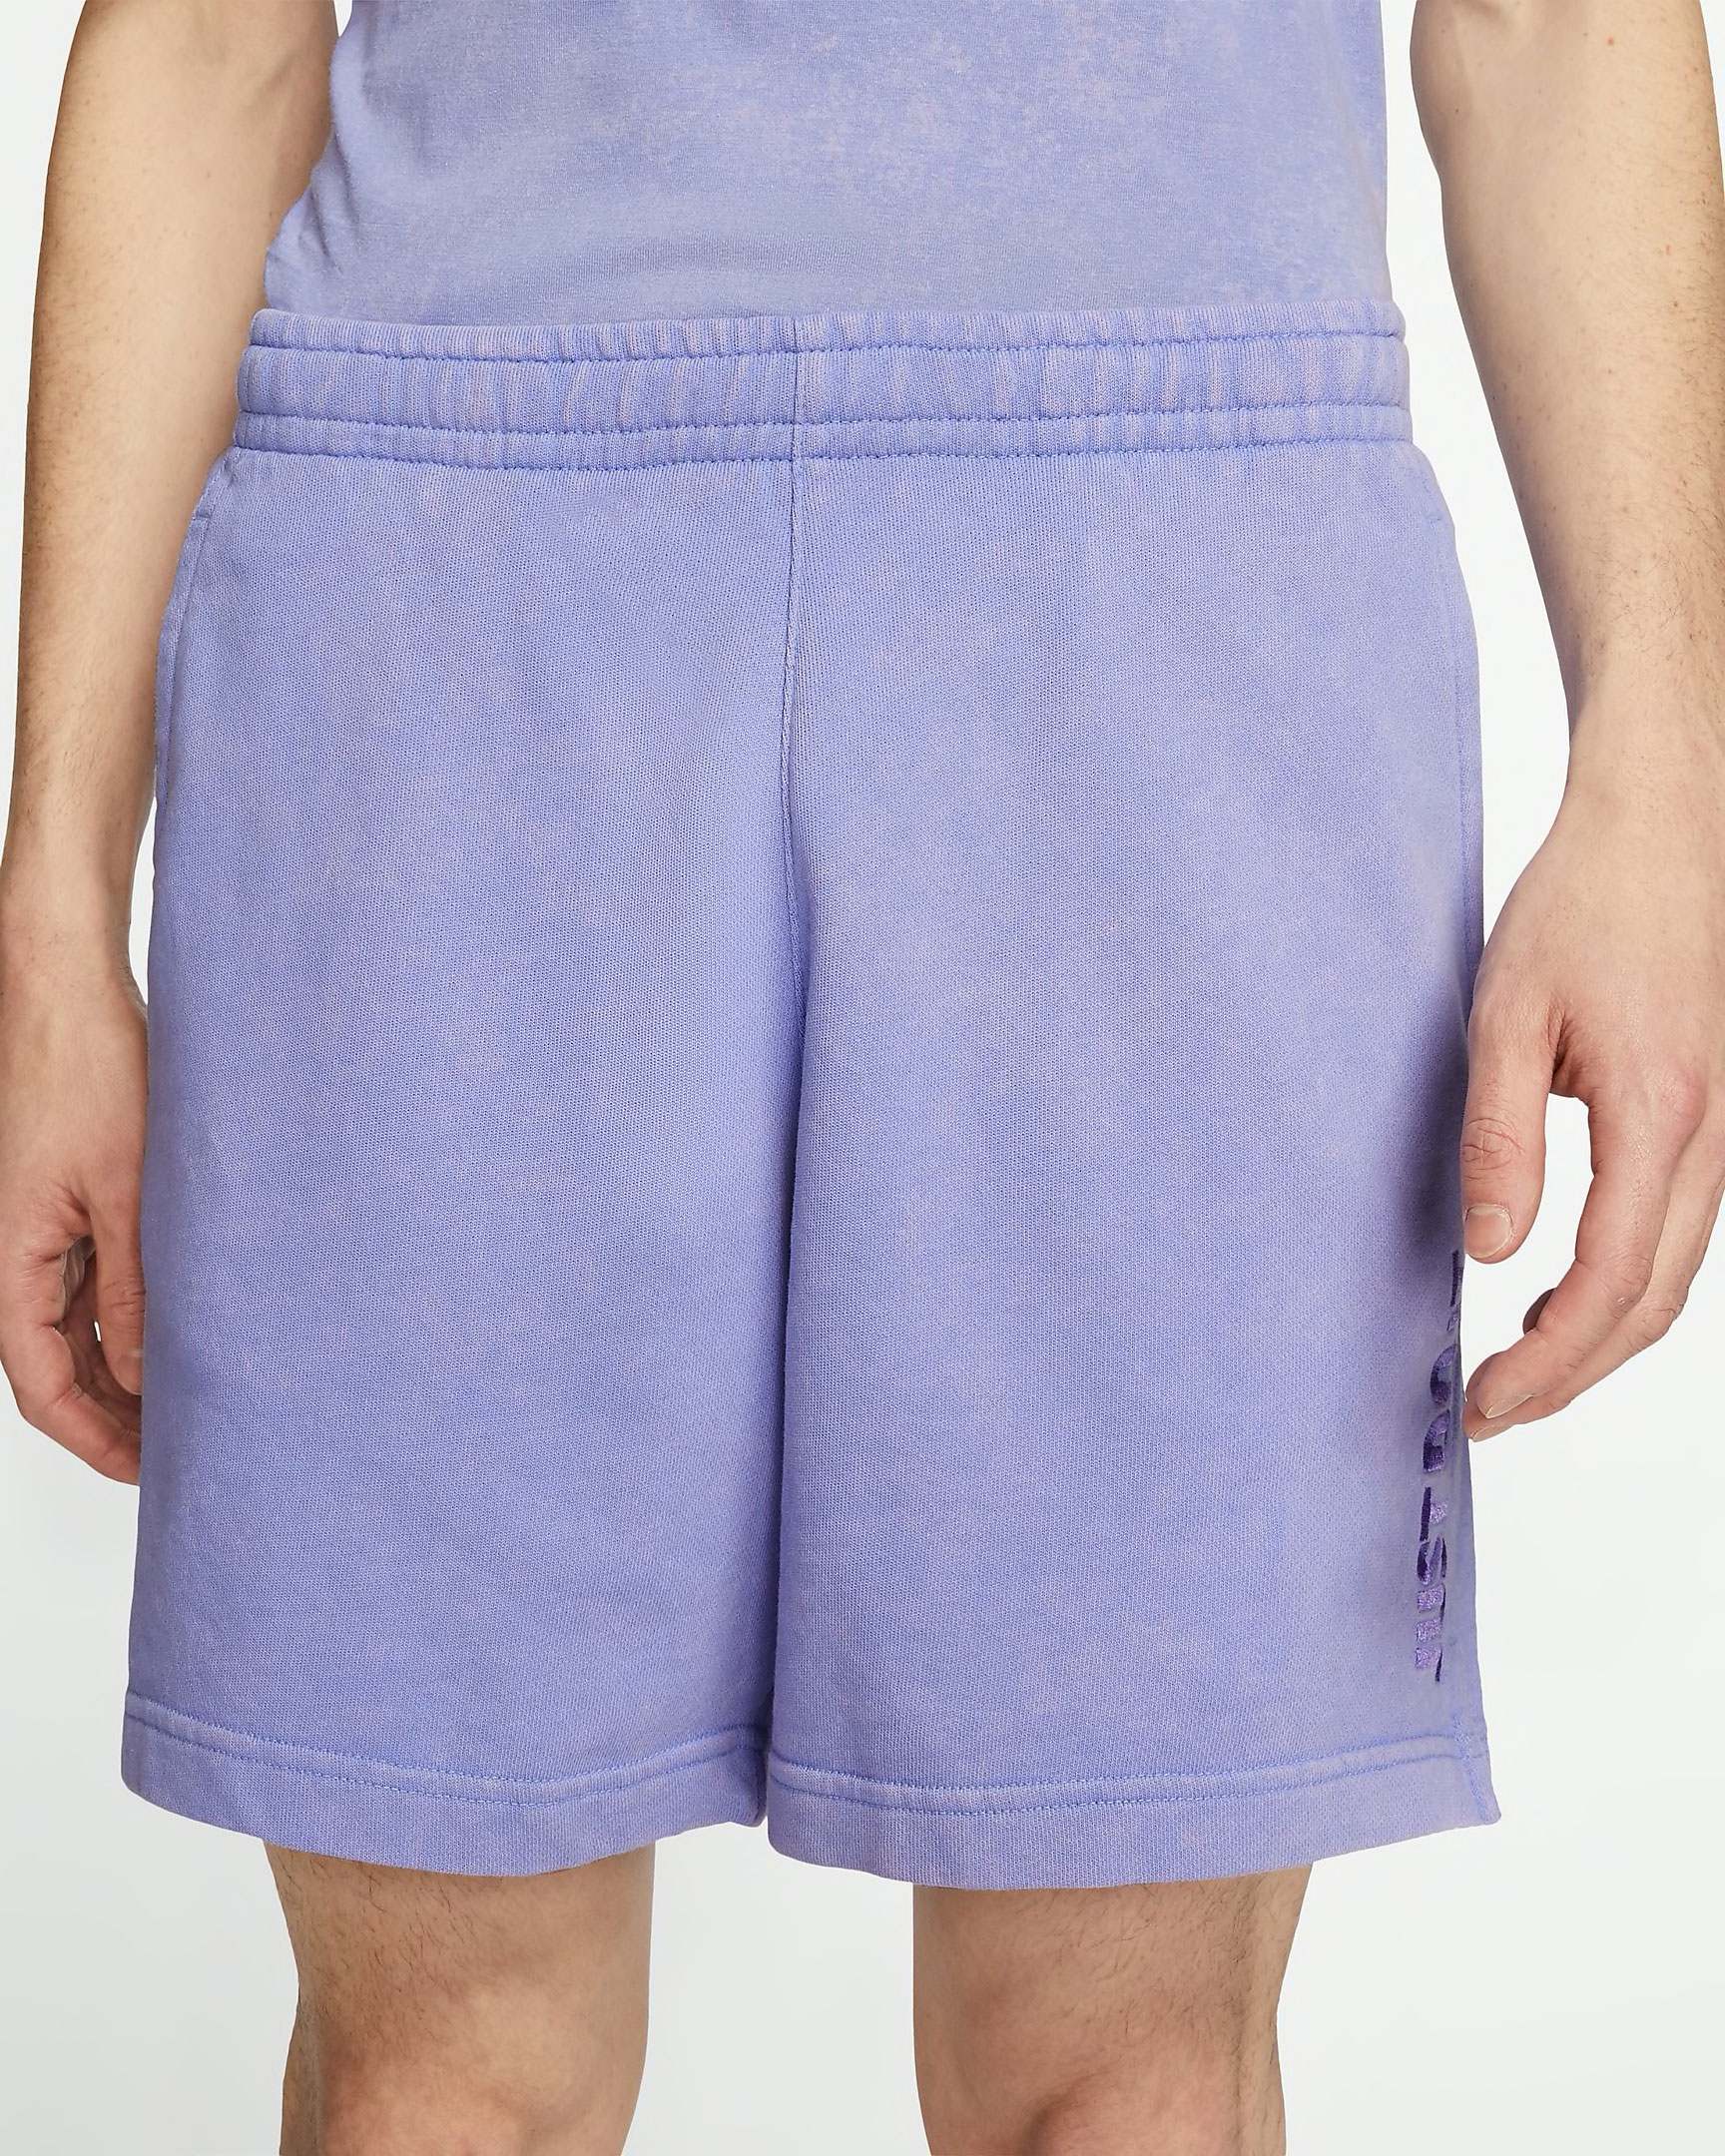 nike-jdi-just-do-it-shorts-purple-1